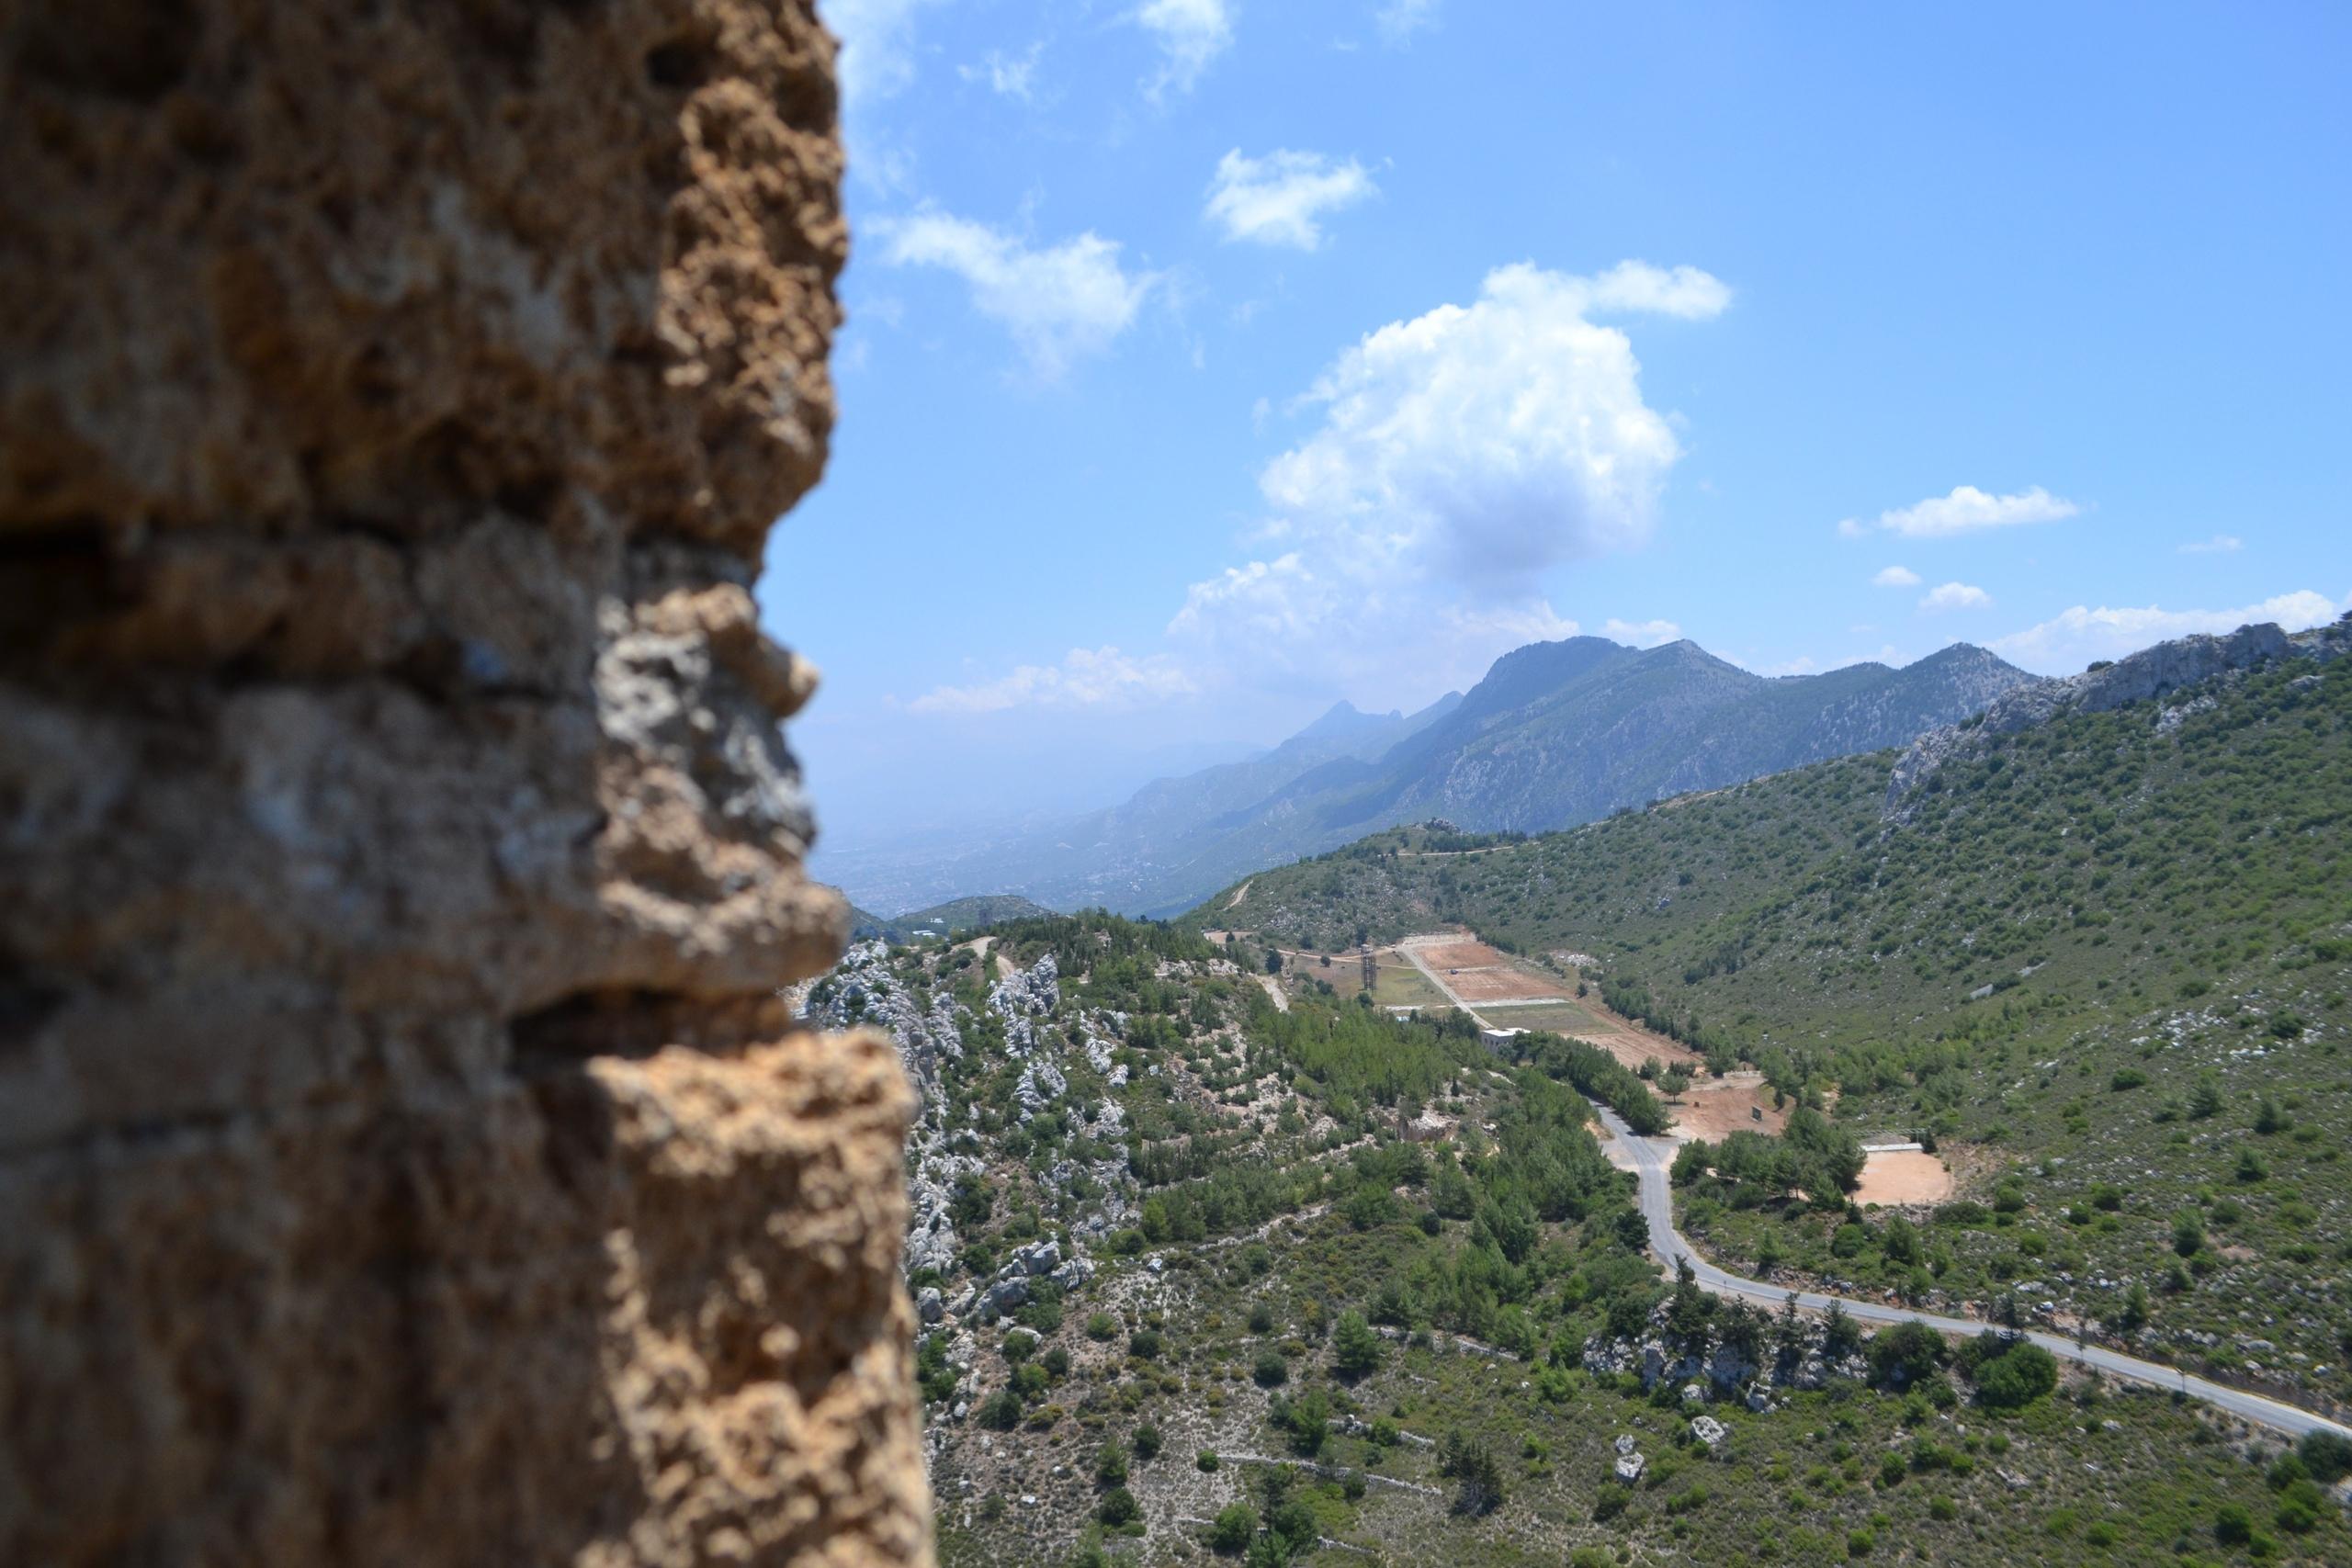 Северный Кипр. Замок Святого Иллариона. (фото). QCcPGguPSb8